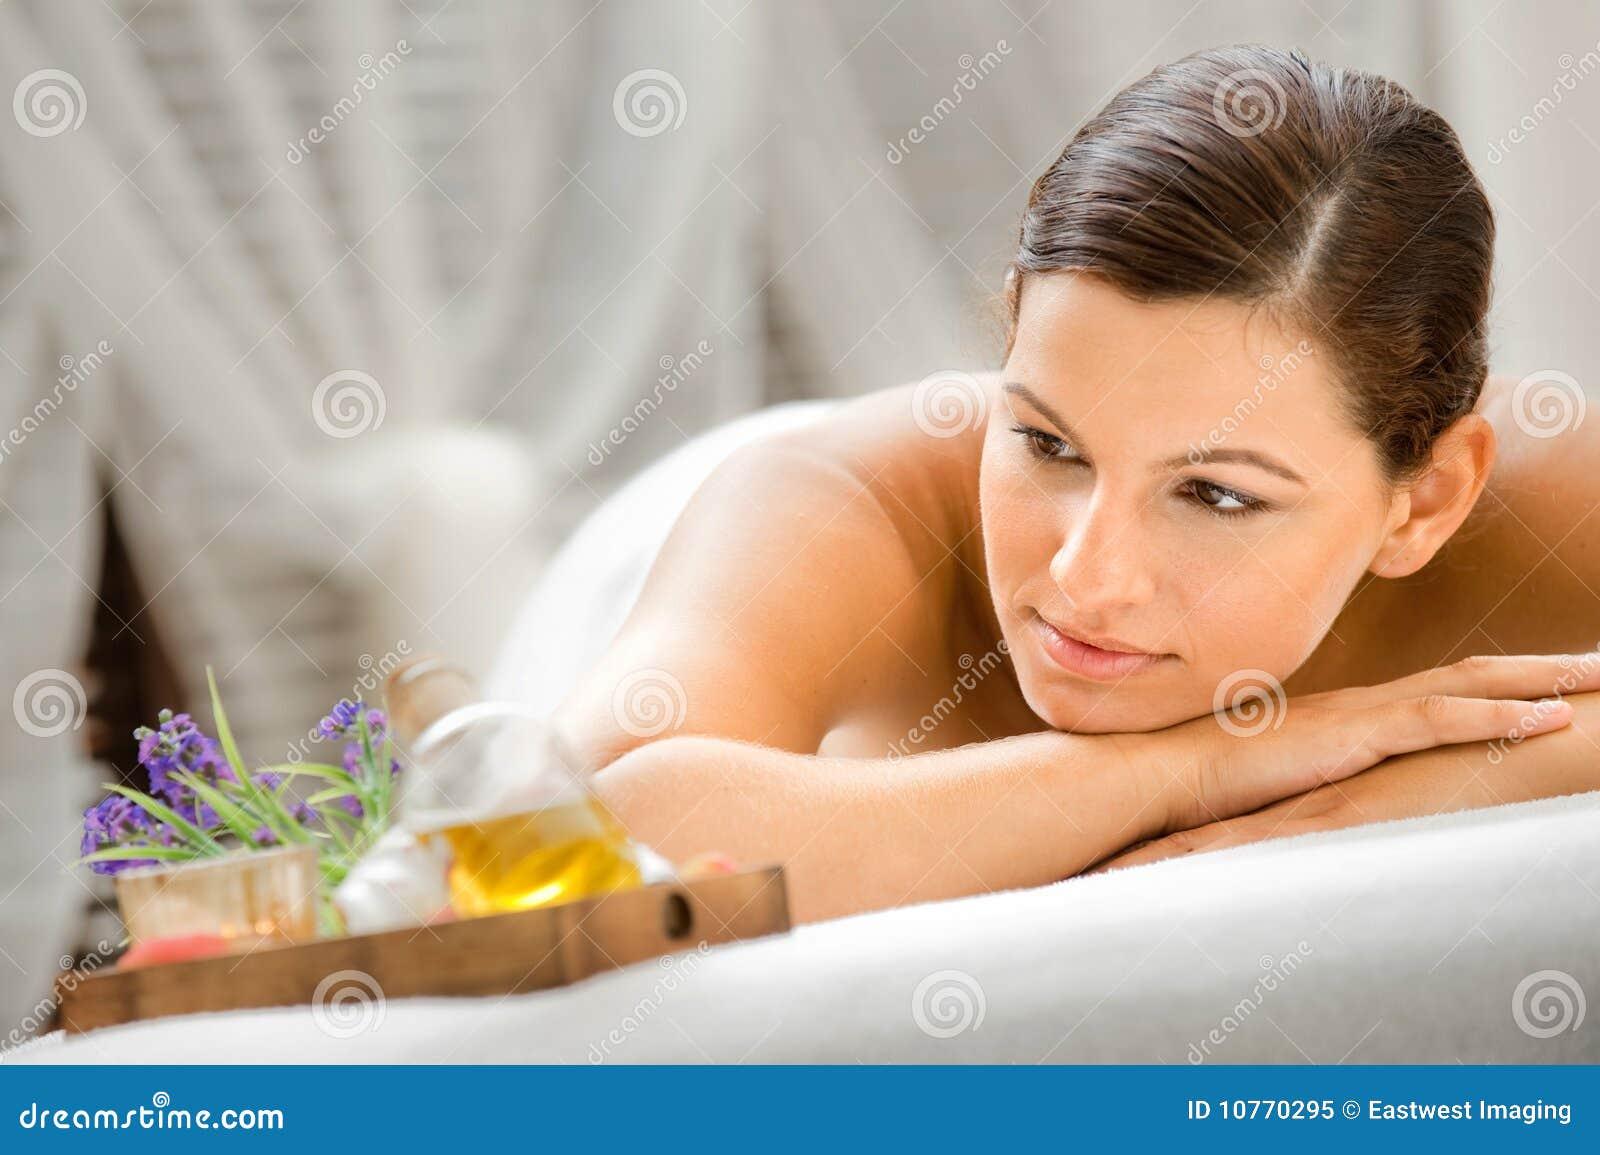 Frau im Badekurort